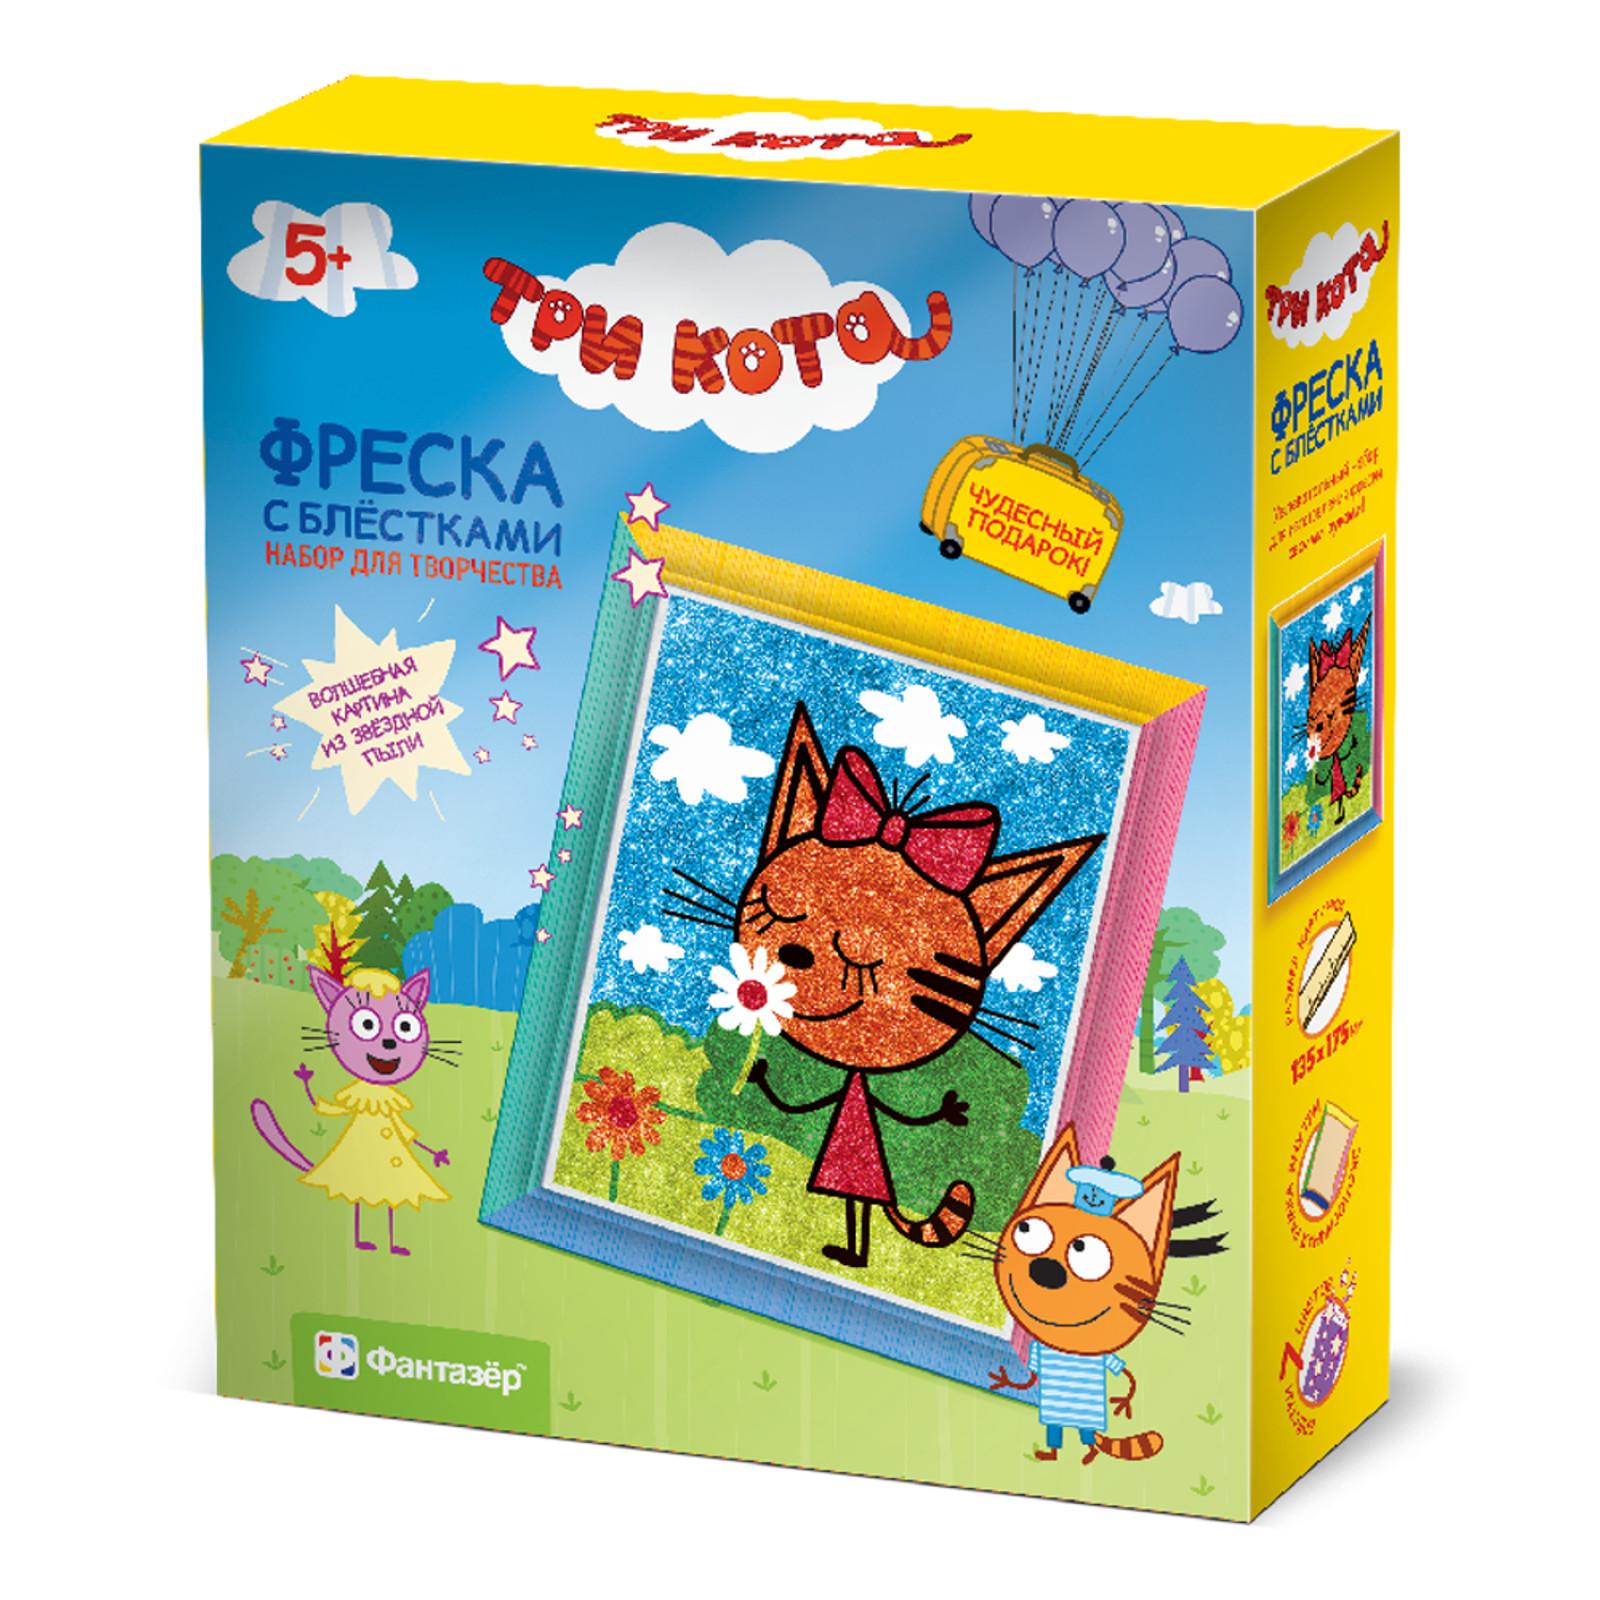 Фреска с блестками - Три кота. КарамелькаАппликация, пайетки<br>Фреска с блестками - Три кота. Карамелька<br>